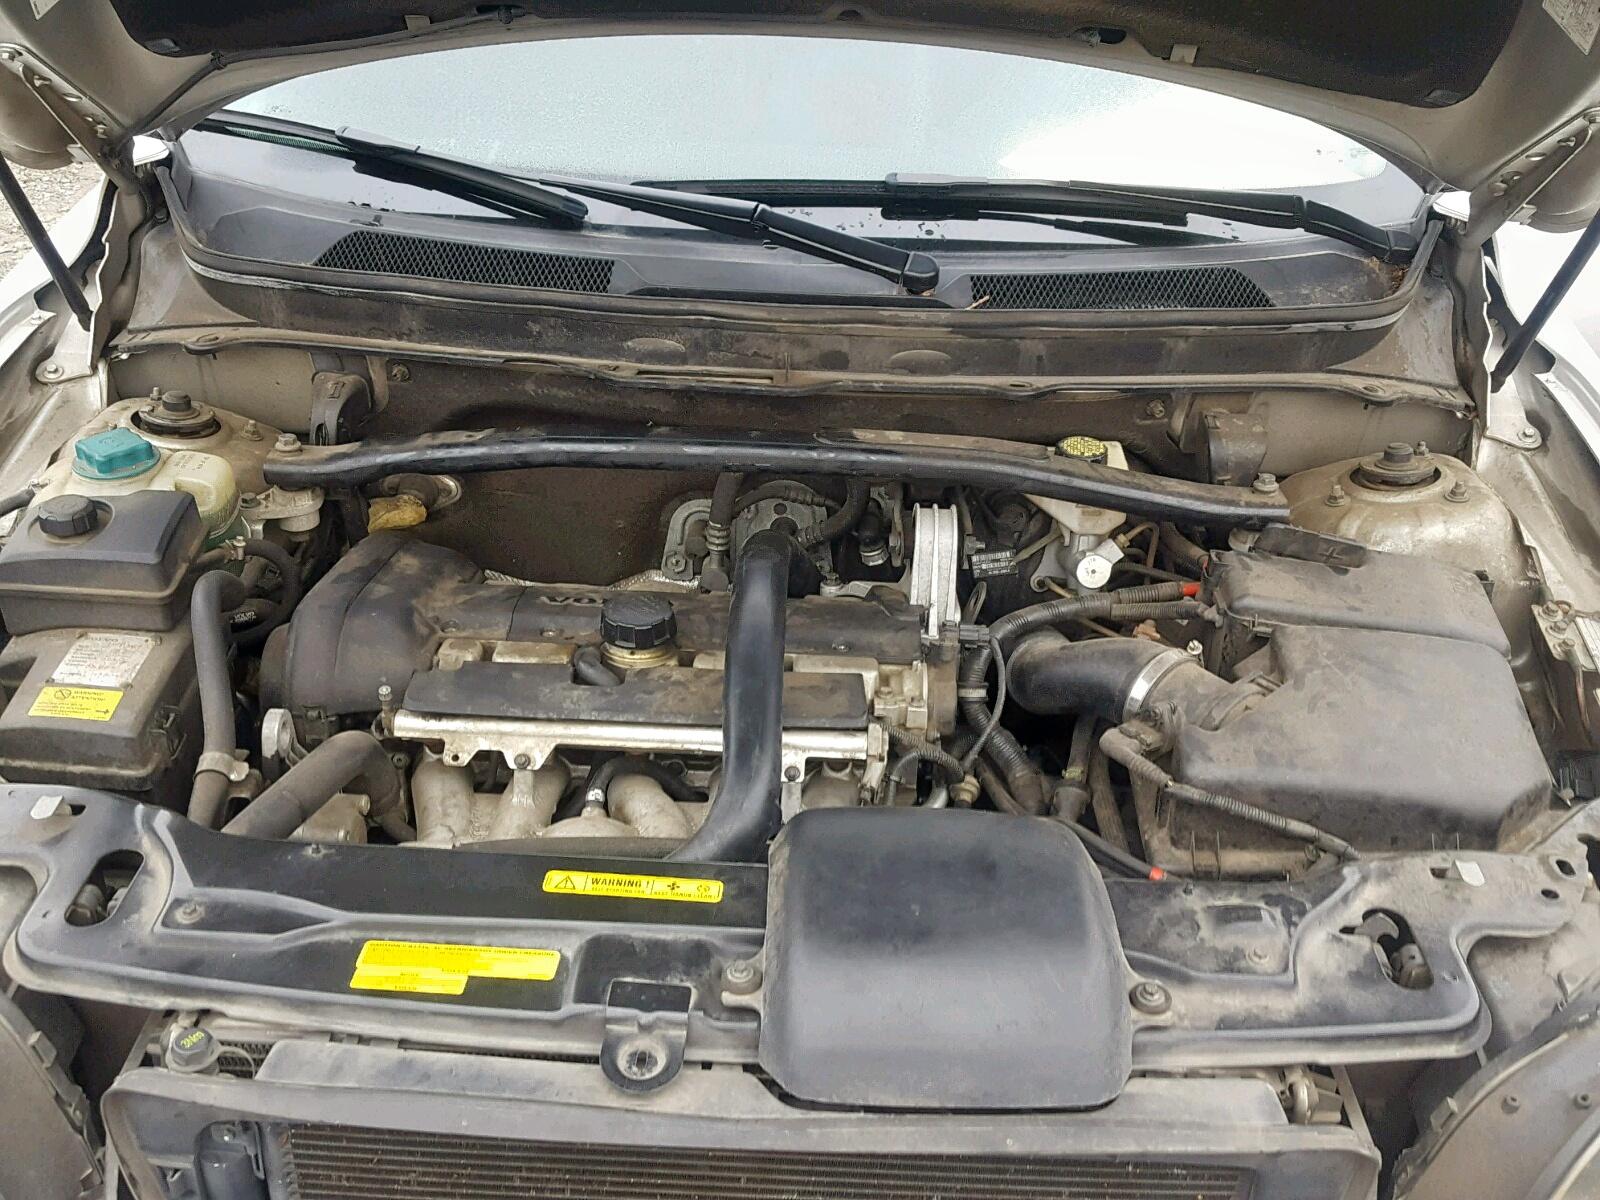 YV4CZ592161256734 - 2006 Volvo Xc90 2.5L inside view